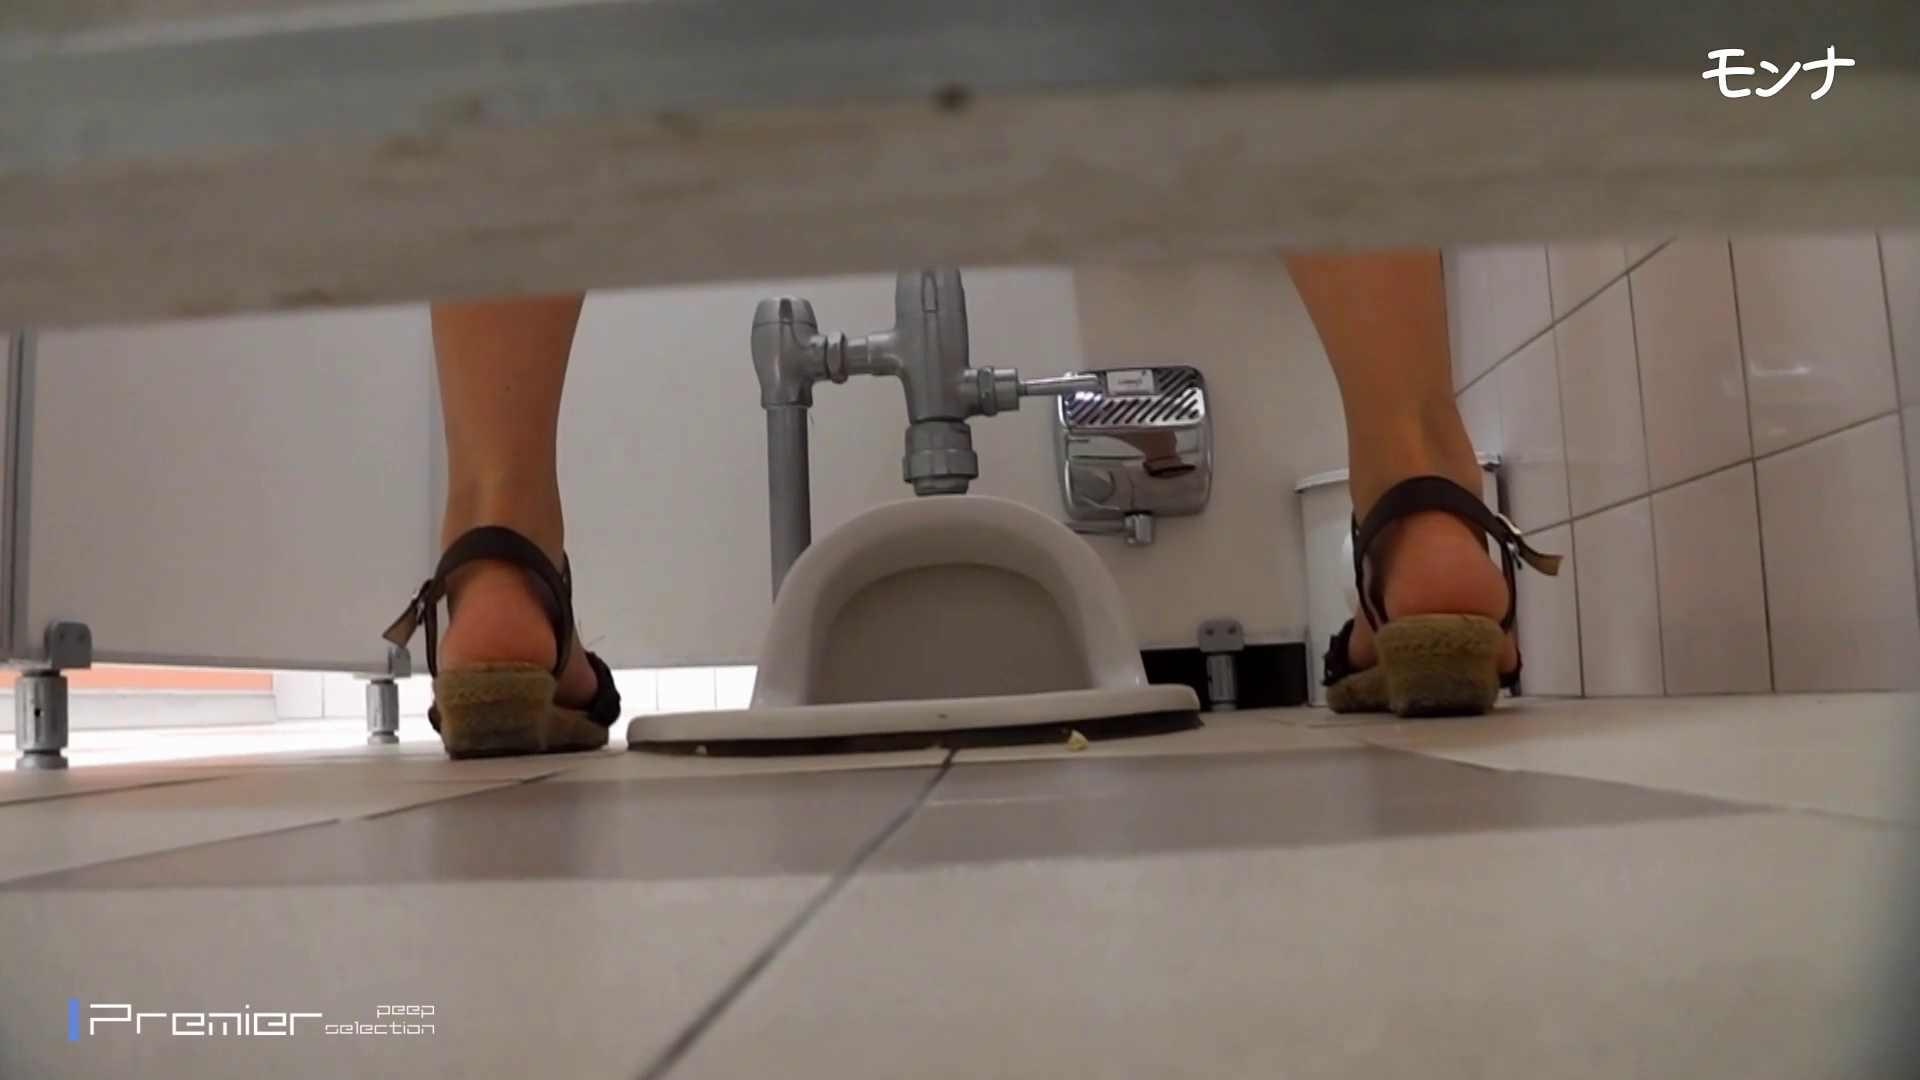 美しい日本の未来 No.73 自然なセクシーな仕草に感動中 フェチ | トイレ中の女子達  100連発 82